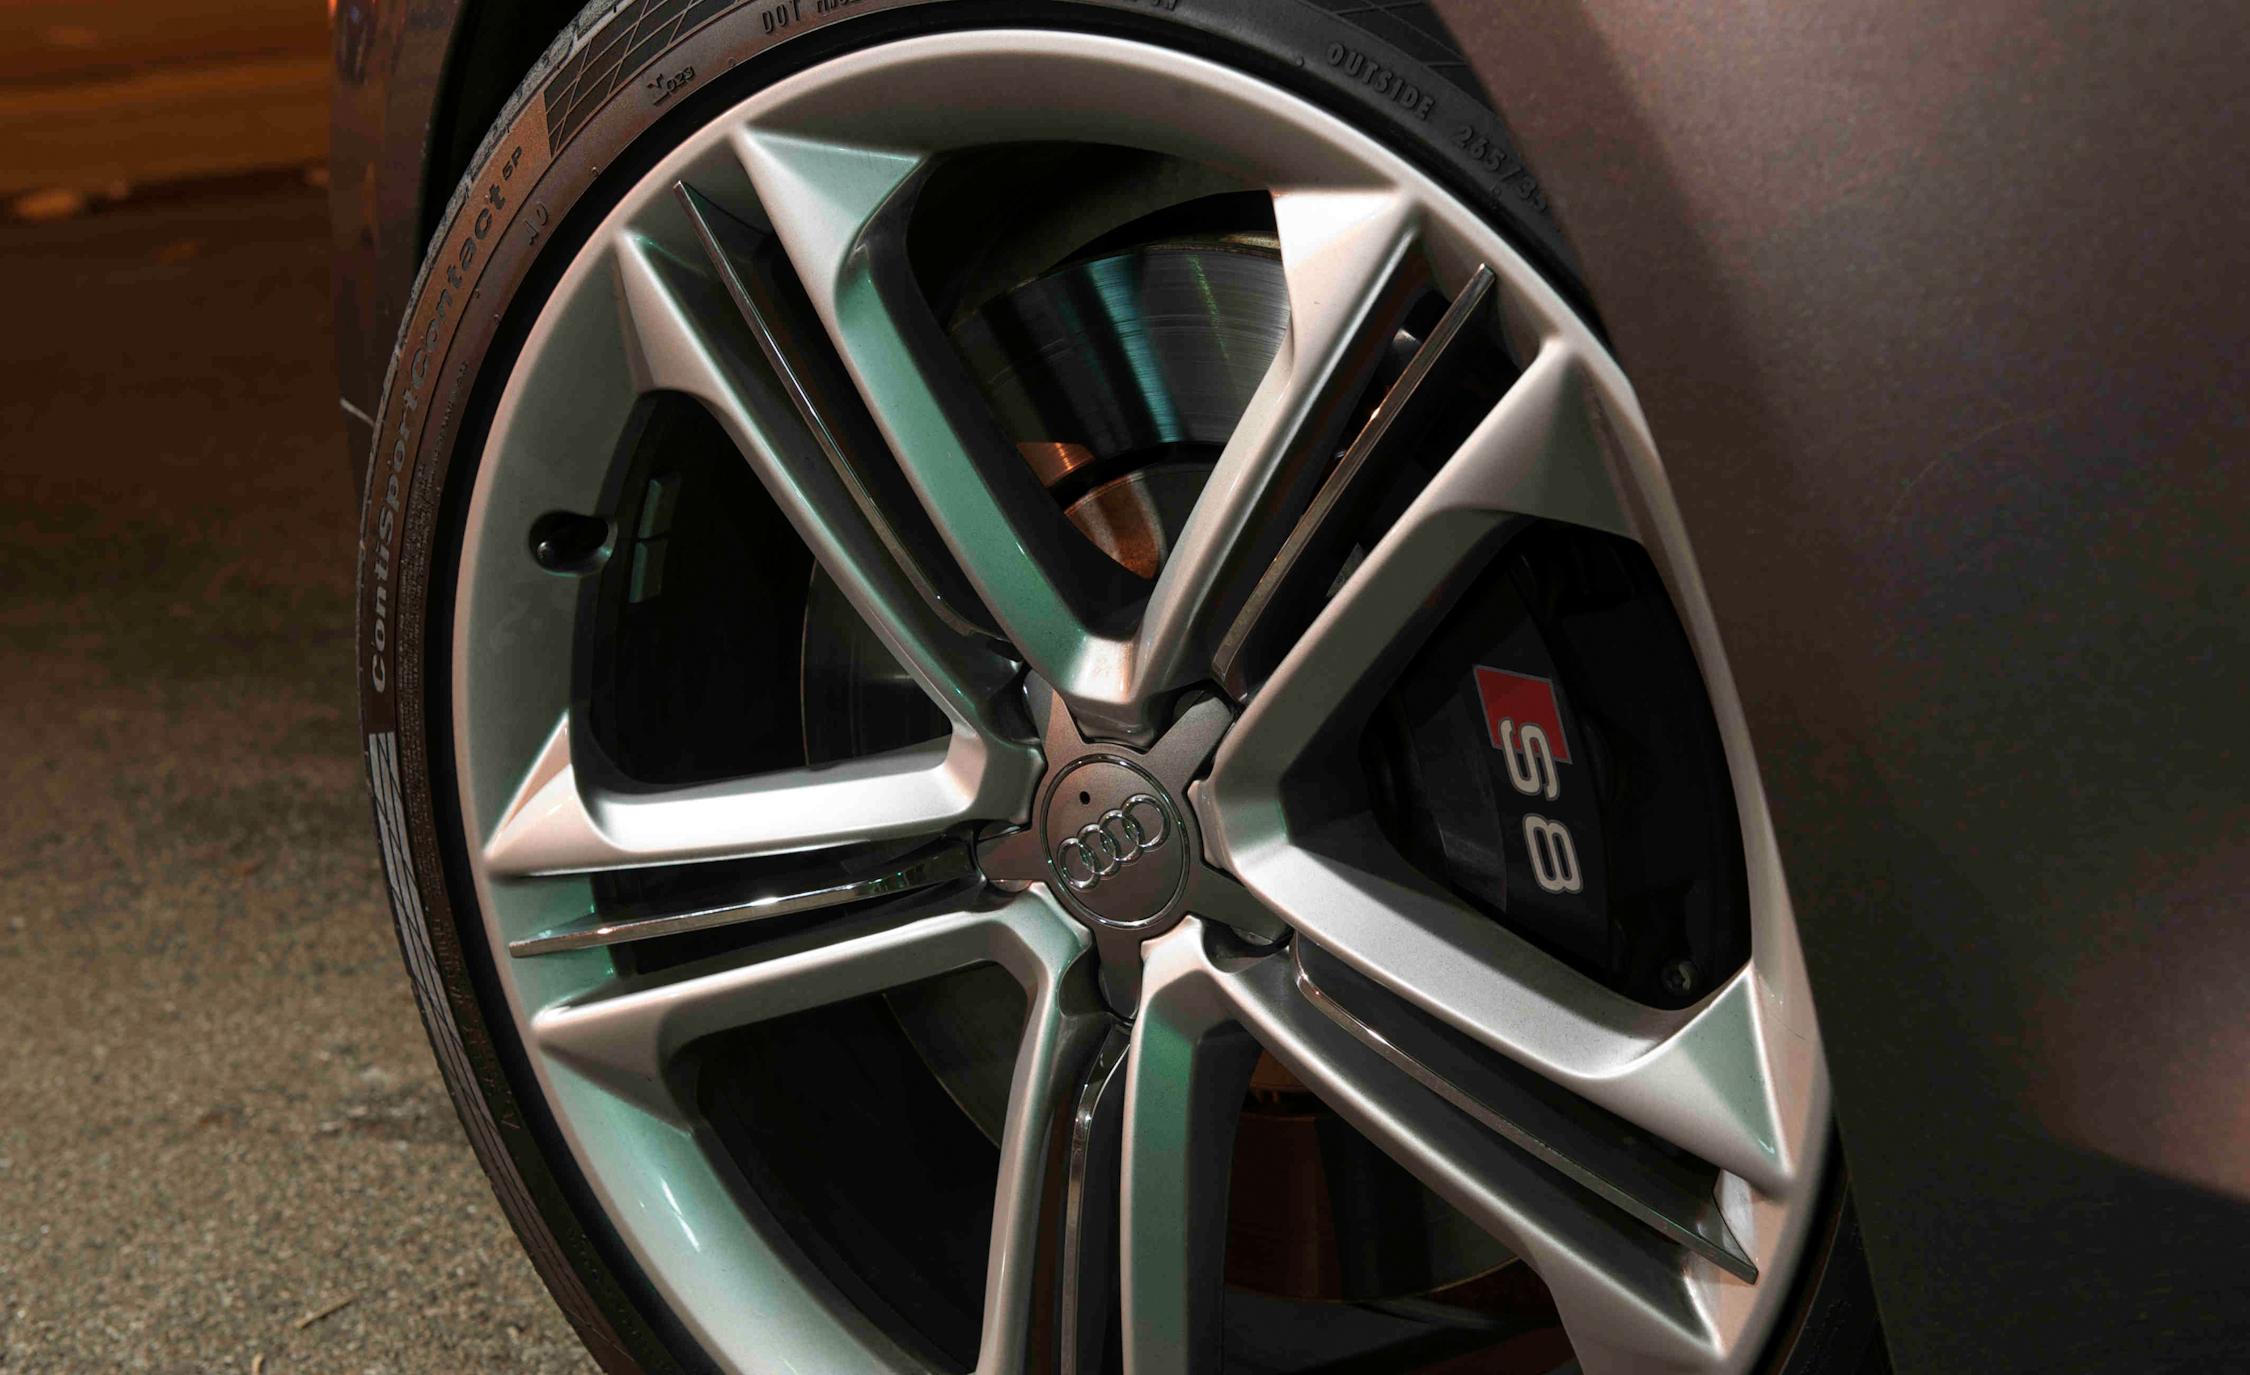 2013 Audi S8 Exterior View Wheel Velg (Photo 9 of 25)